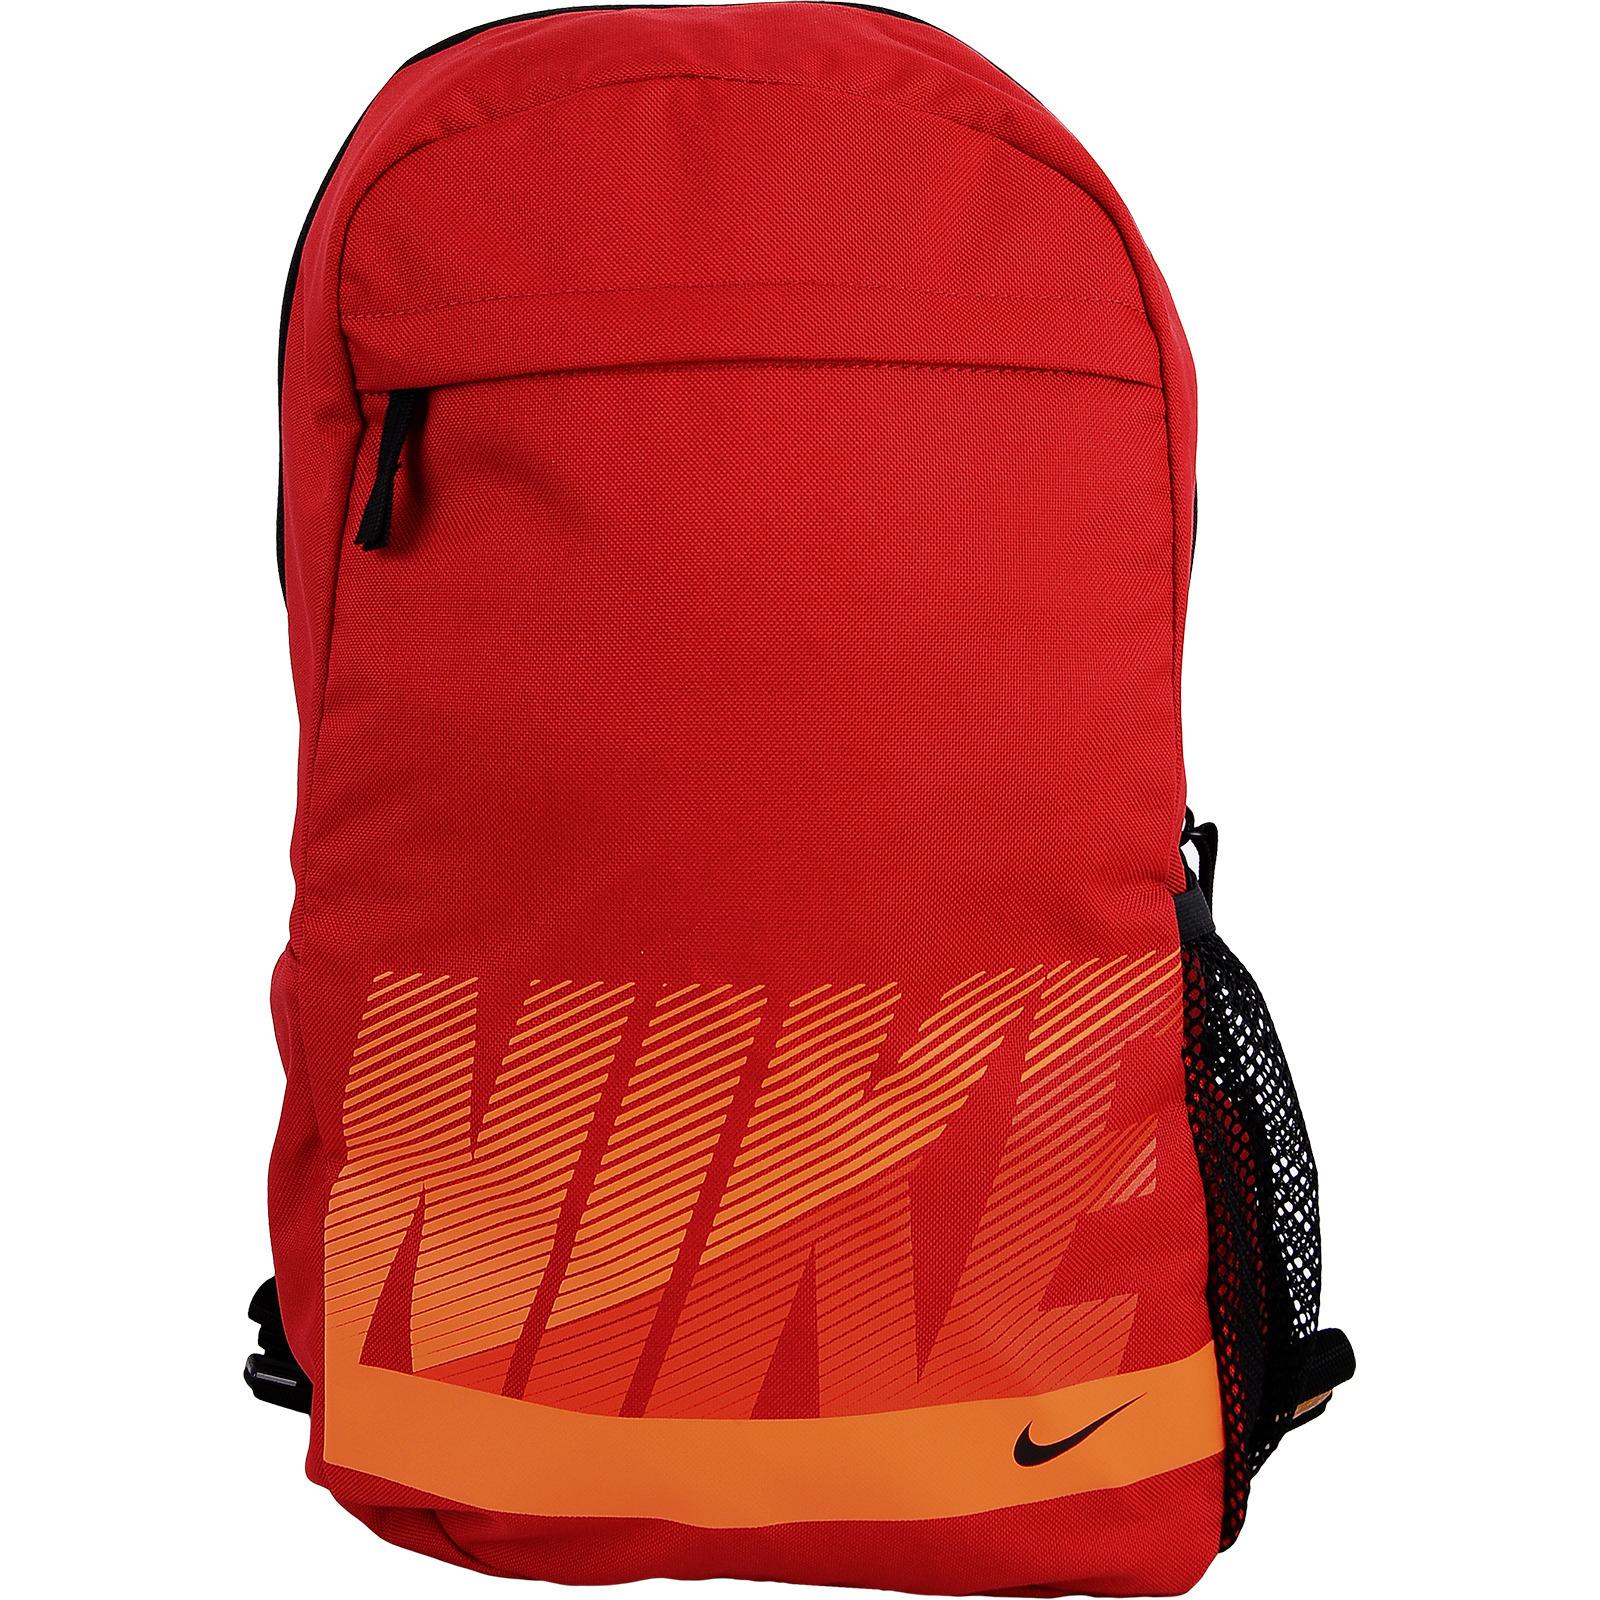 produse de calitate fotografii oficiale cea mai bună vânzare Rucsac unisex Nike Classic Sand BA4864-605 - Originals - Nike